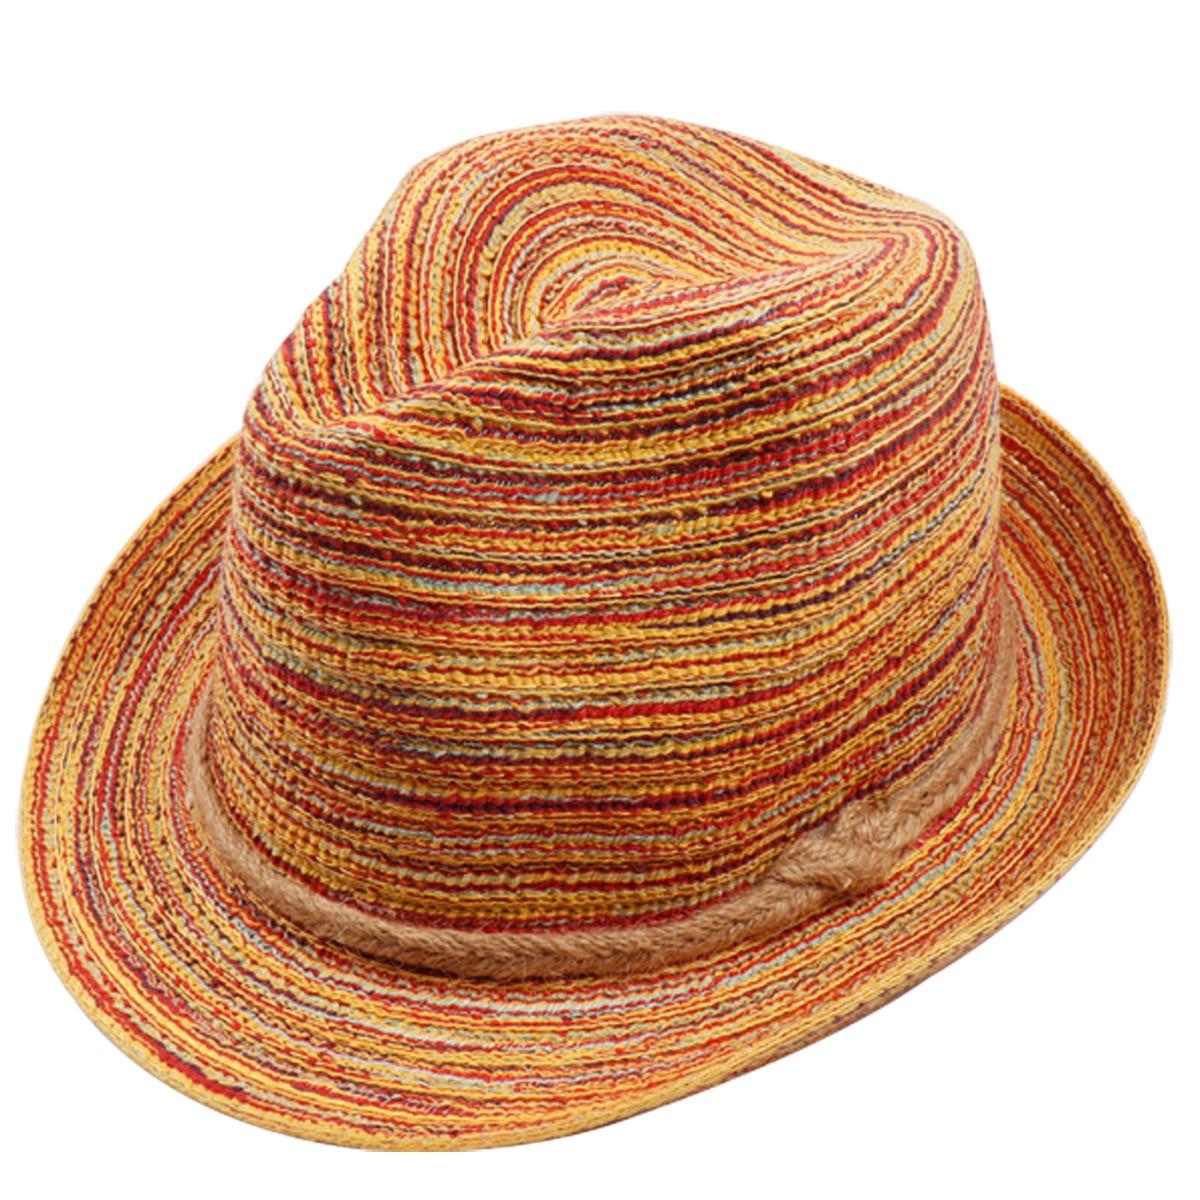 Sonnenhüte Konstruktiv Hüte/kappen 2019 Heißer Verkauf Tops Floppy Sun Hüte Für Frauen Einfache Sommer Strand Regenbogen Stroh Hut Freizeit Modische Faltbare Panama Ein Unverzichtbares SouveräNes Heilmittel FüR Zuhause